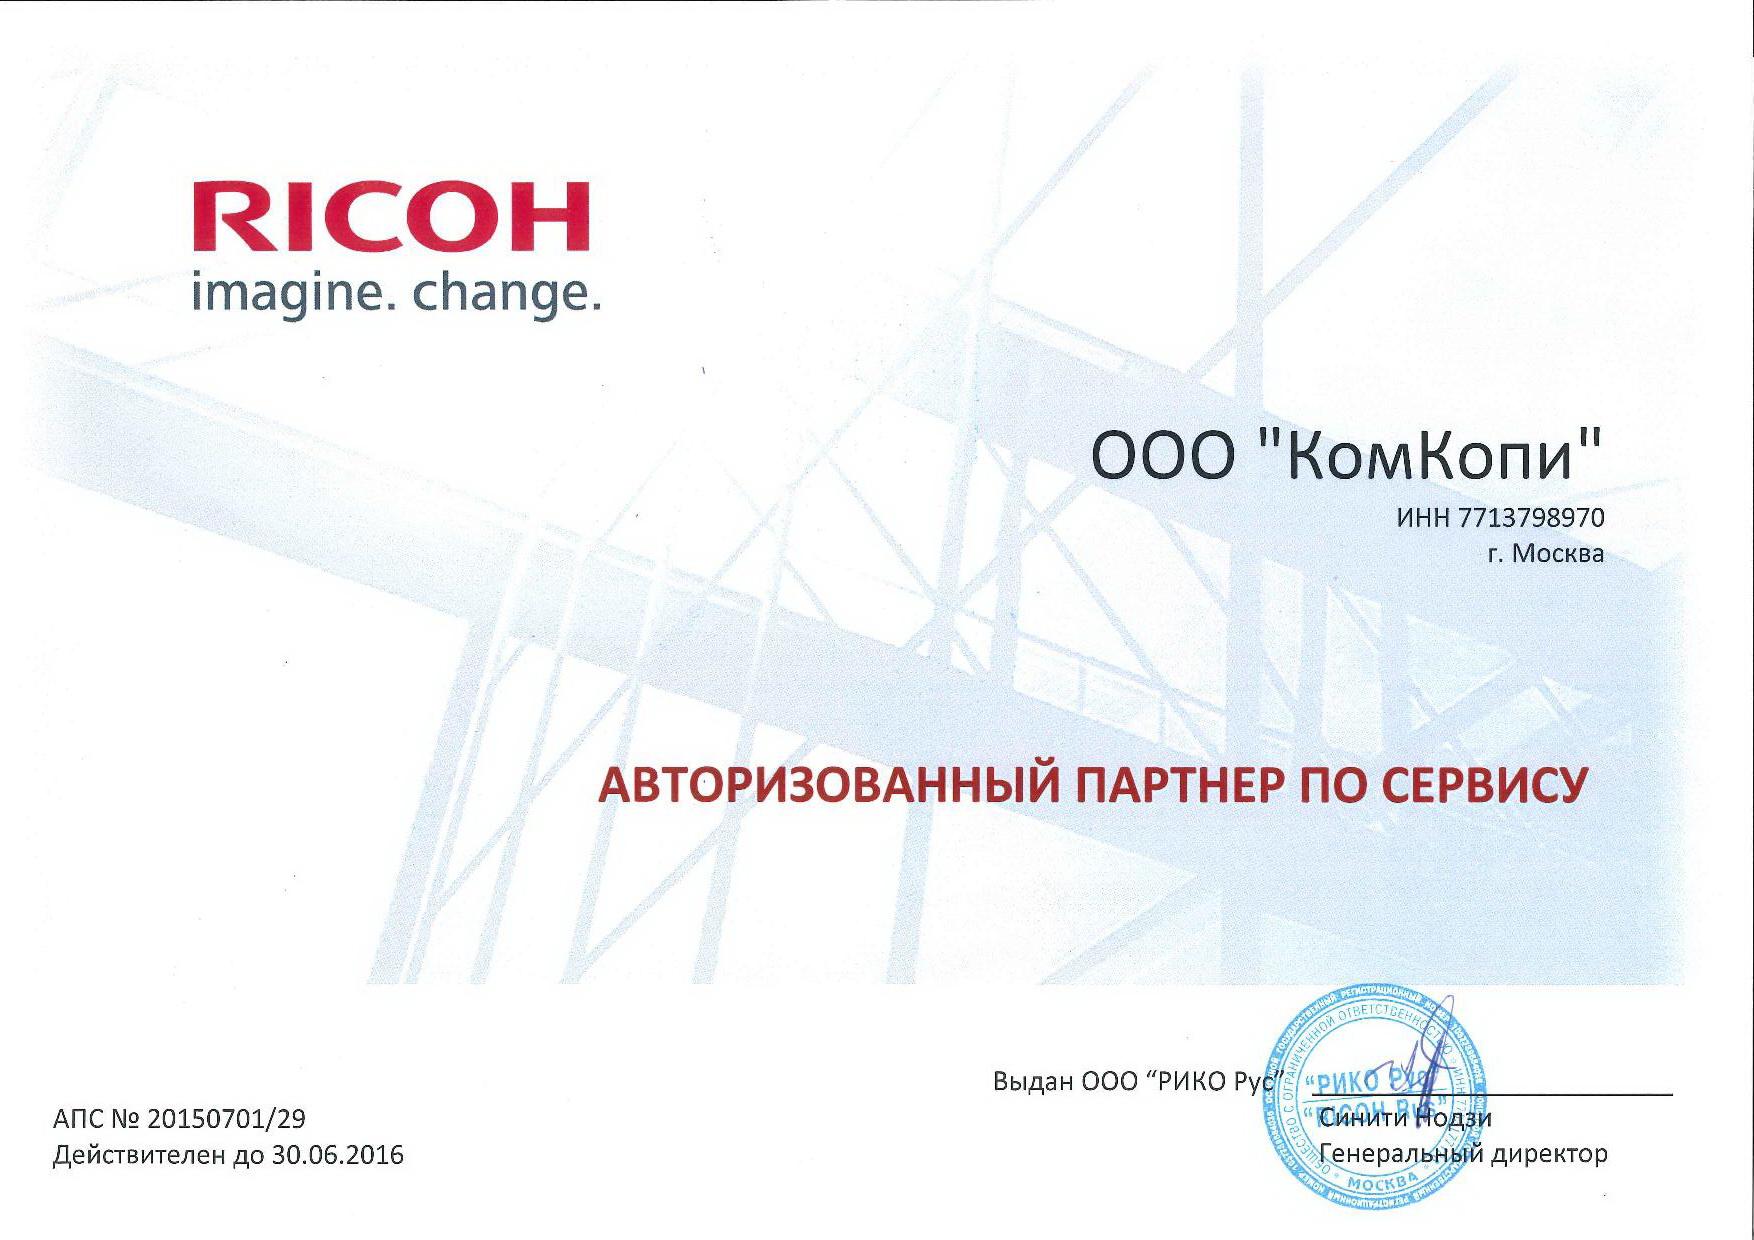 Авторизованный партнер Ricoh по продажам